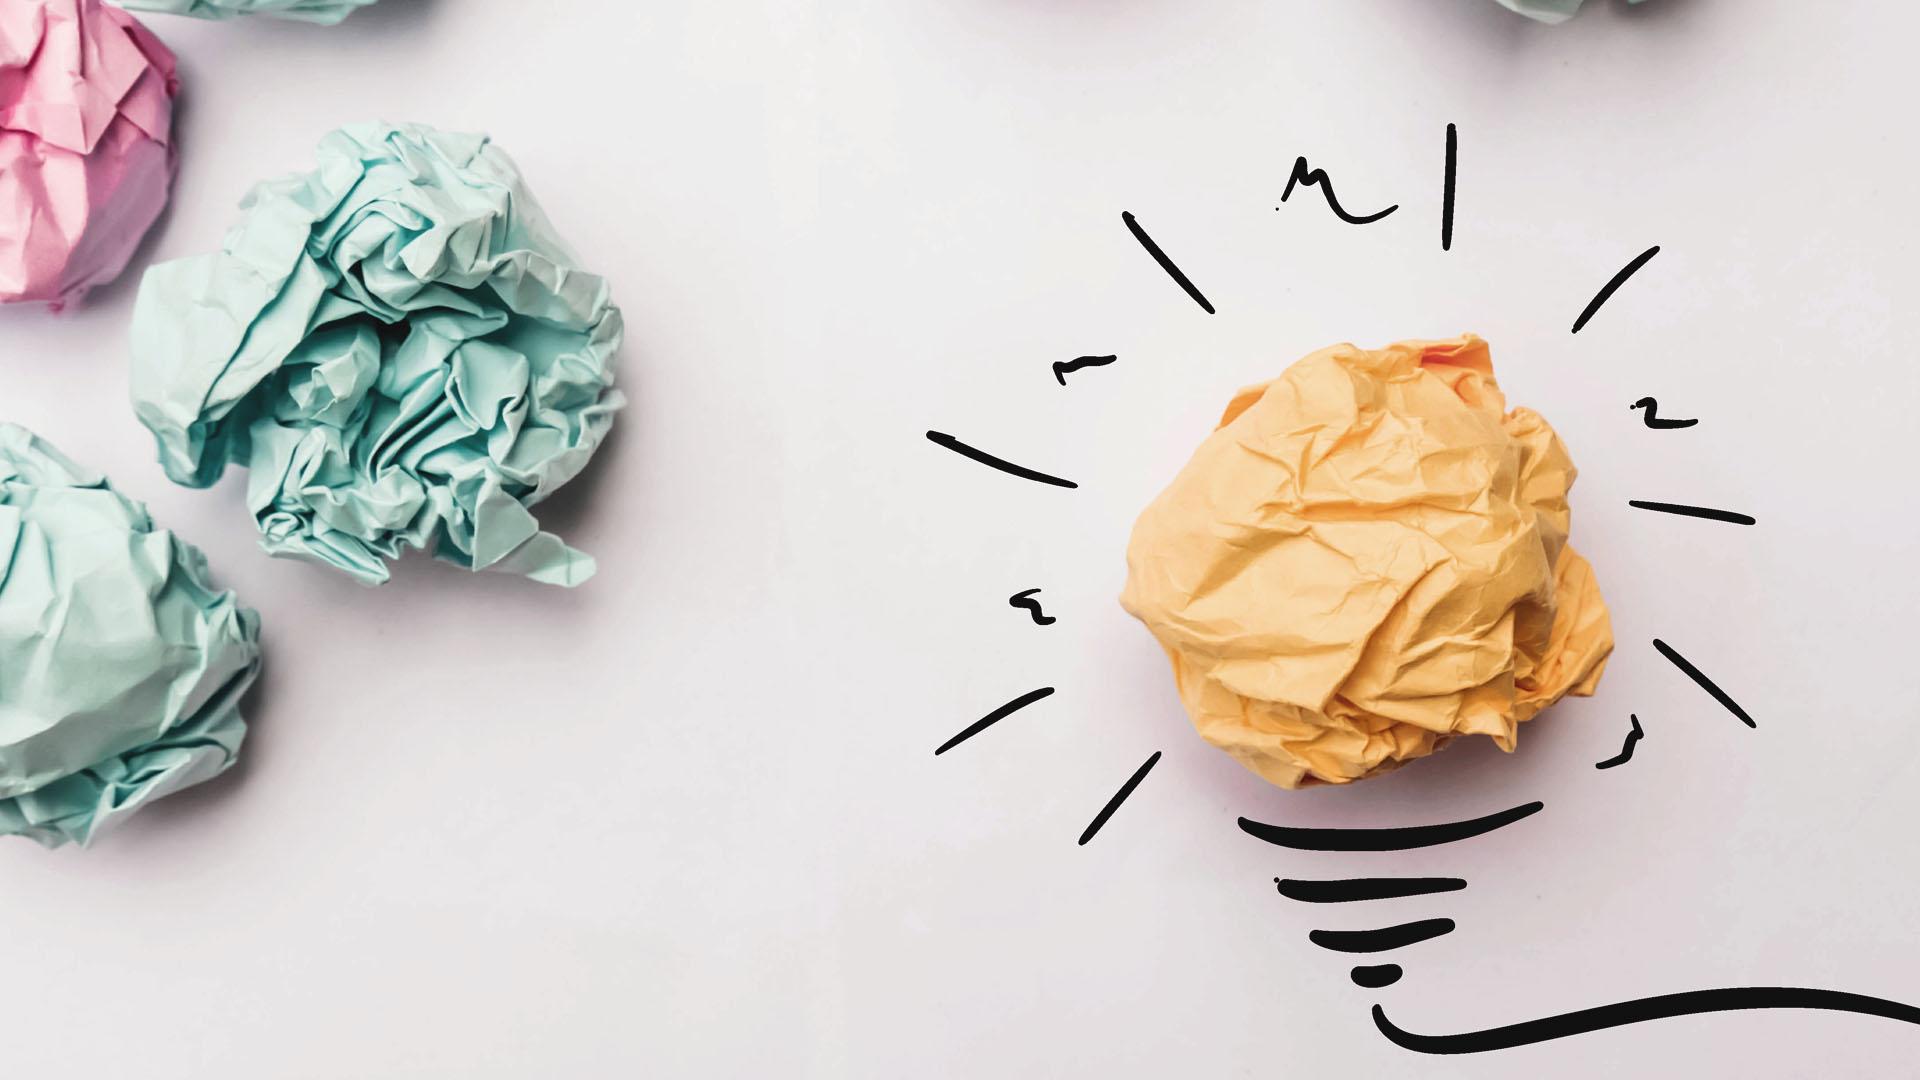 Criativo ou inovador? Existe diferença?